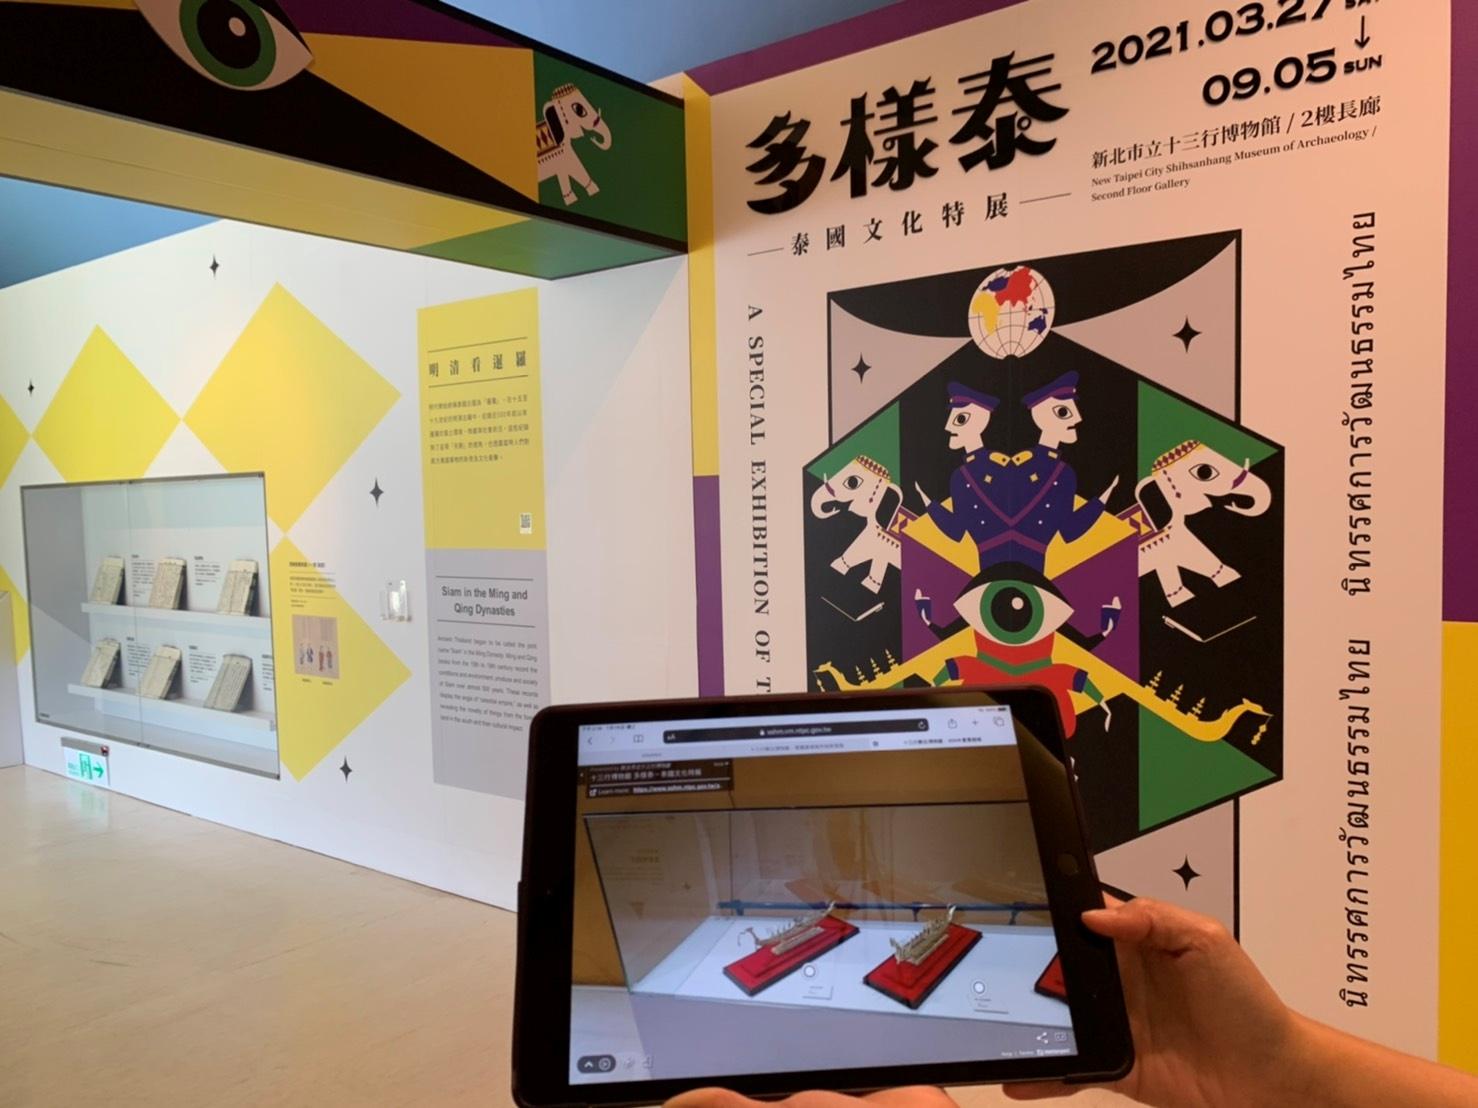 榮獲國內10大「線上展覽」TOP5 十三行數位博物館帶您網際漫遊